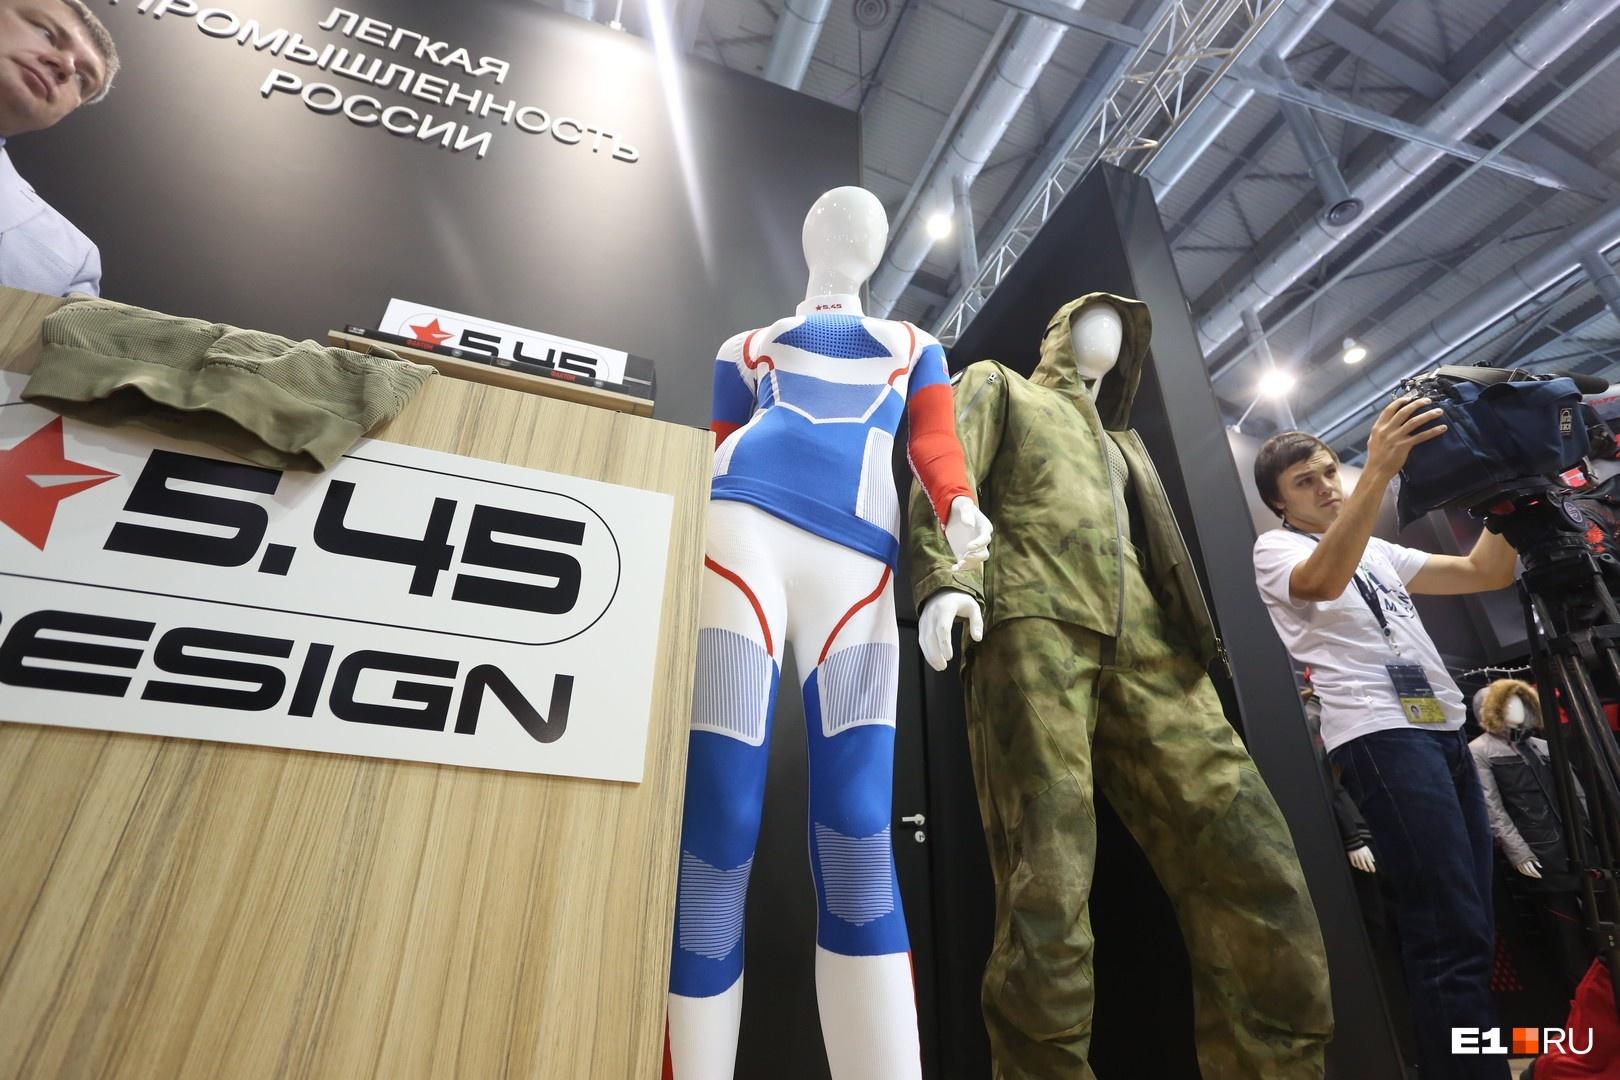 Неподалеку расположен стенд легкой промышленности России, на котором представлены последние новинки